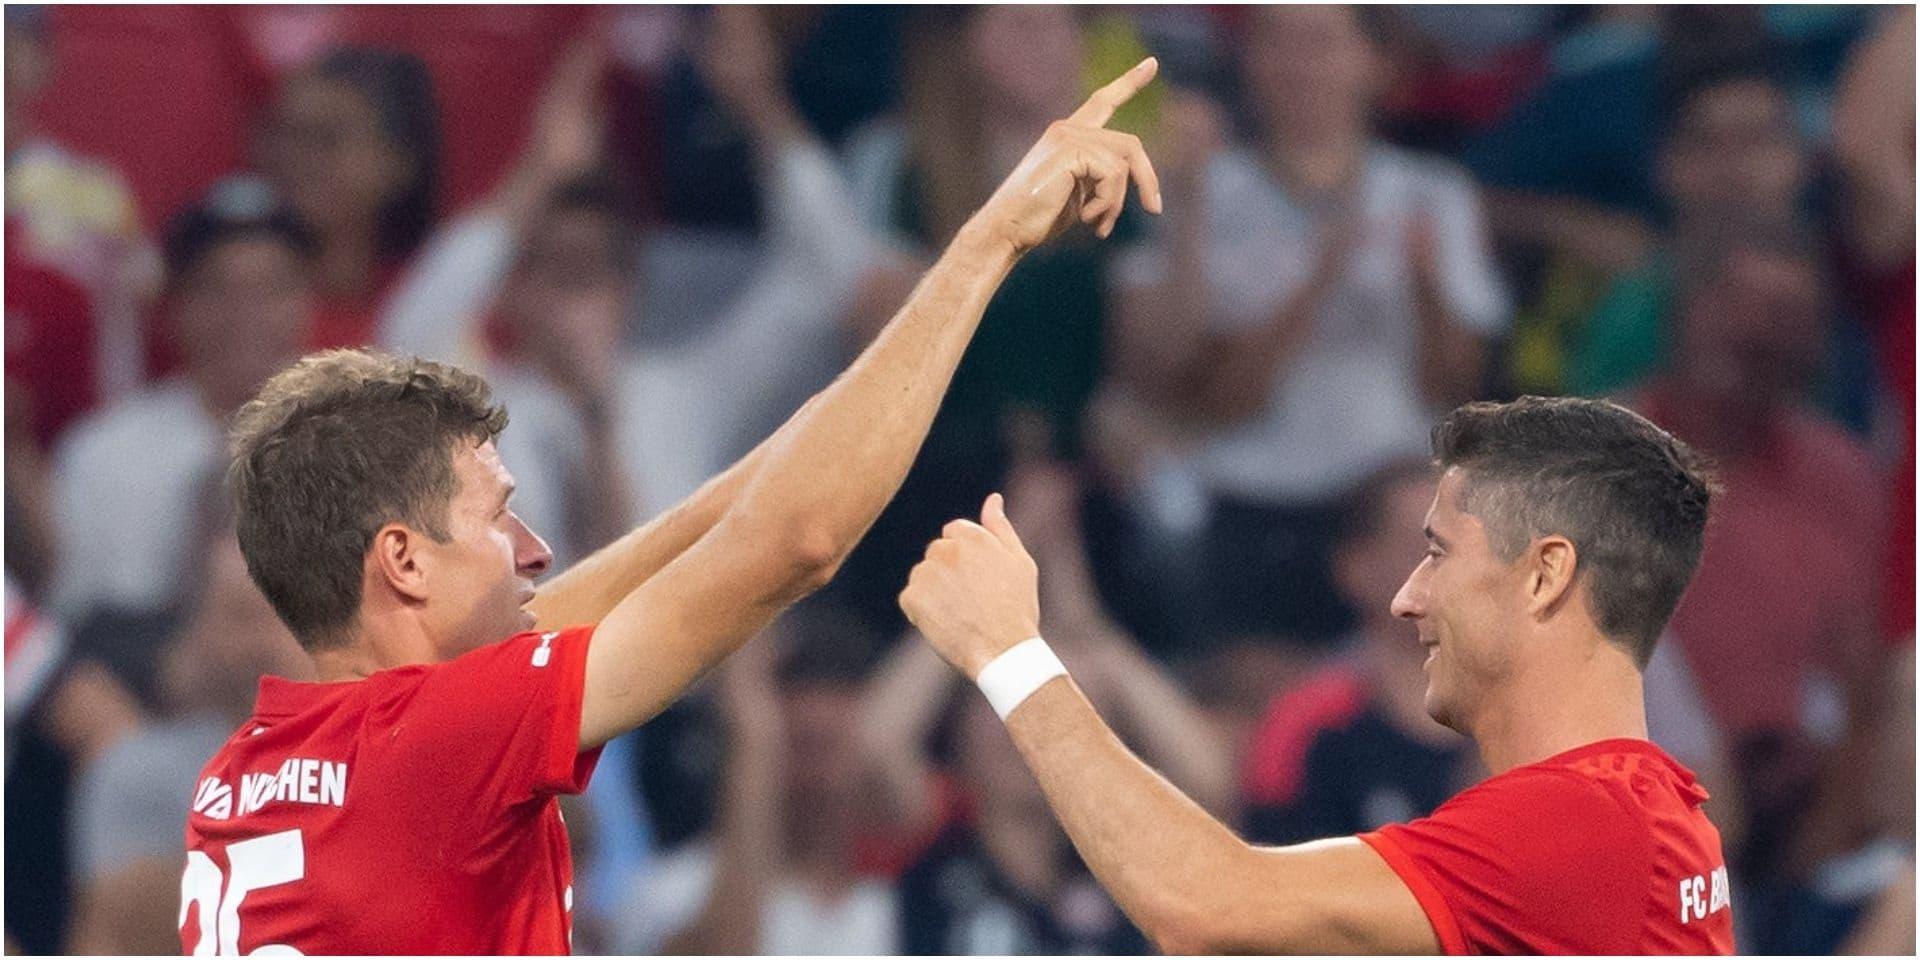 Le Bayern Munich pulvérise Fenerbahce et rejoint Tottenham en finale de l'Audi Cup